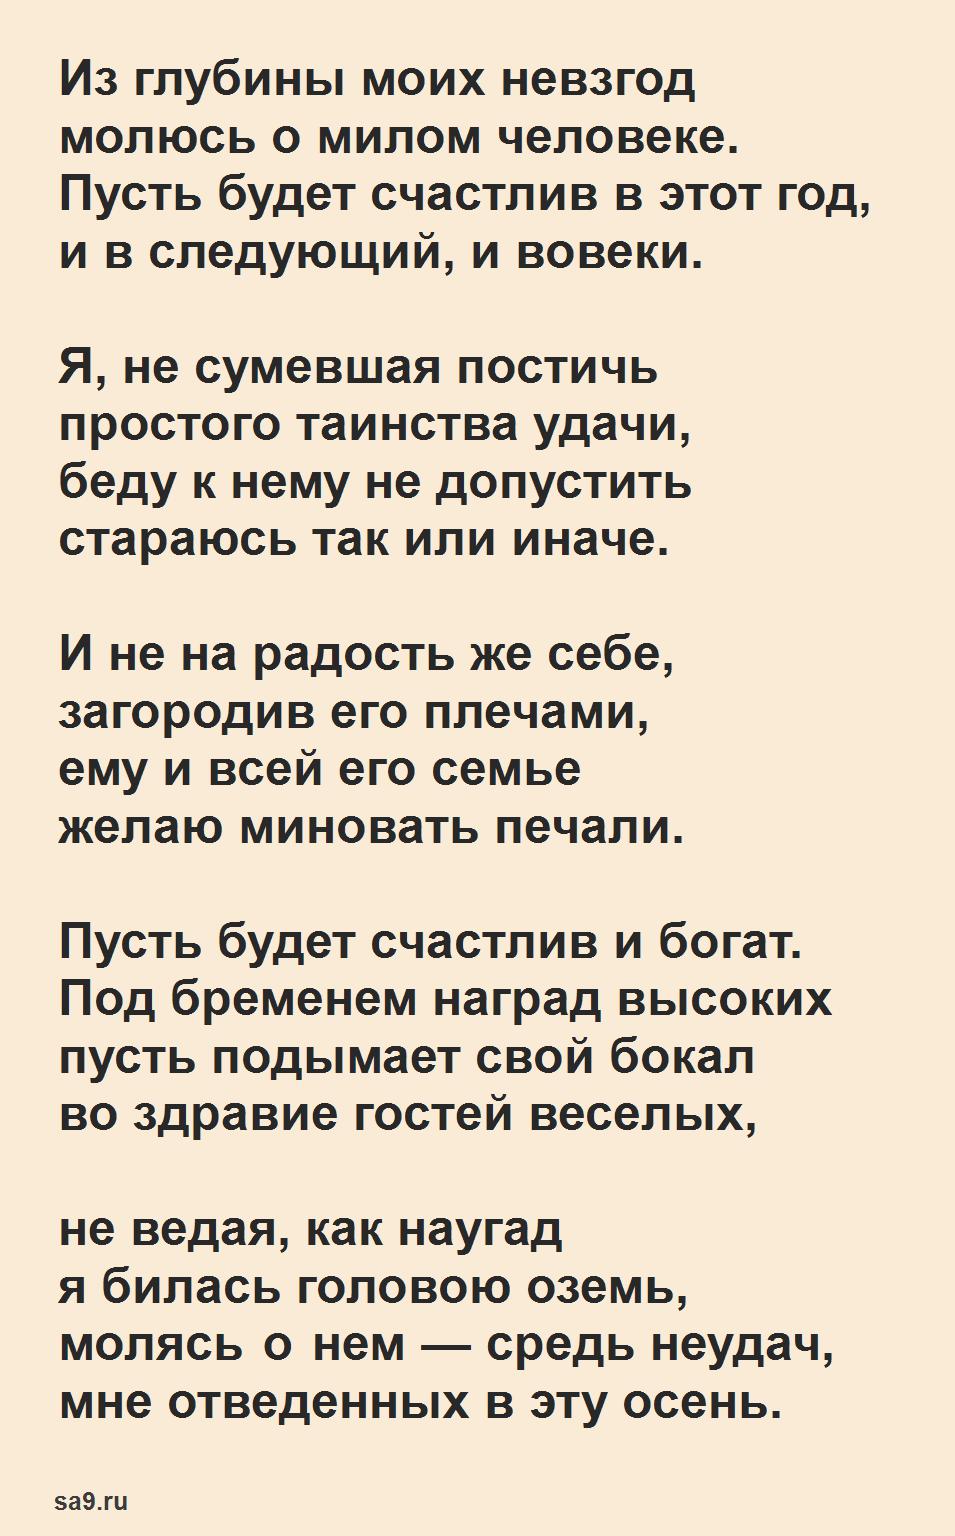 Читаем лучшие стихи Ахмадулиной о любви - Из глубины моих невзгод